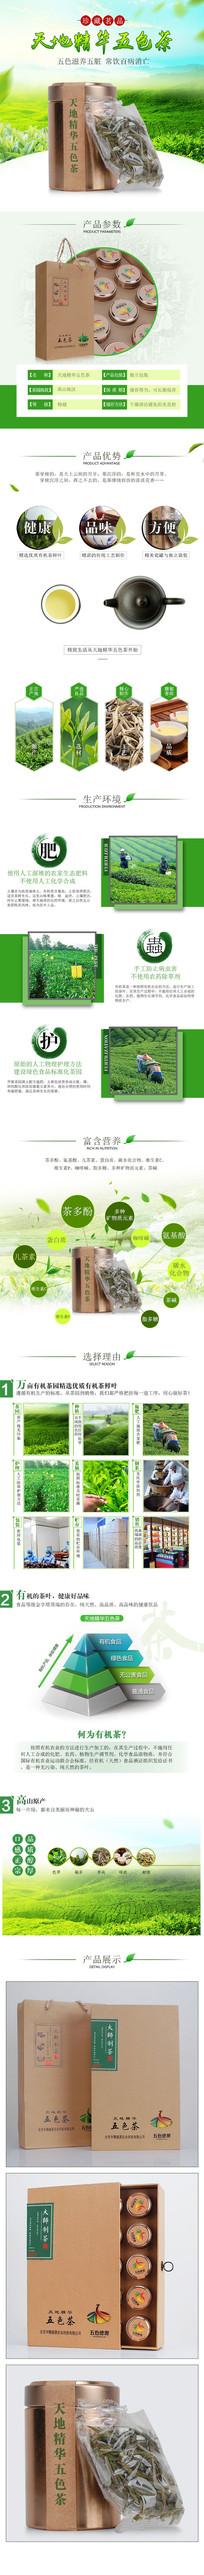 淘宝茶叶详情页设计PSD模板